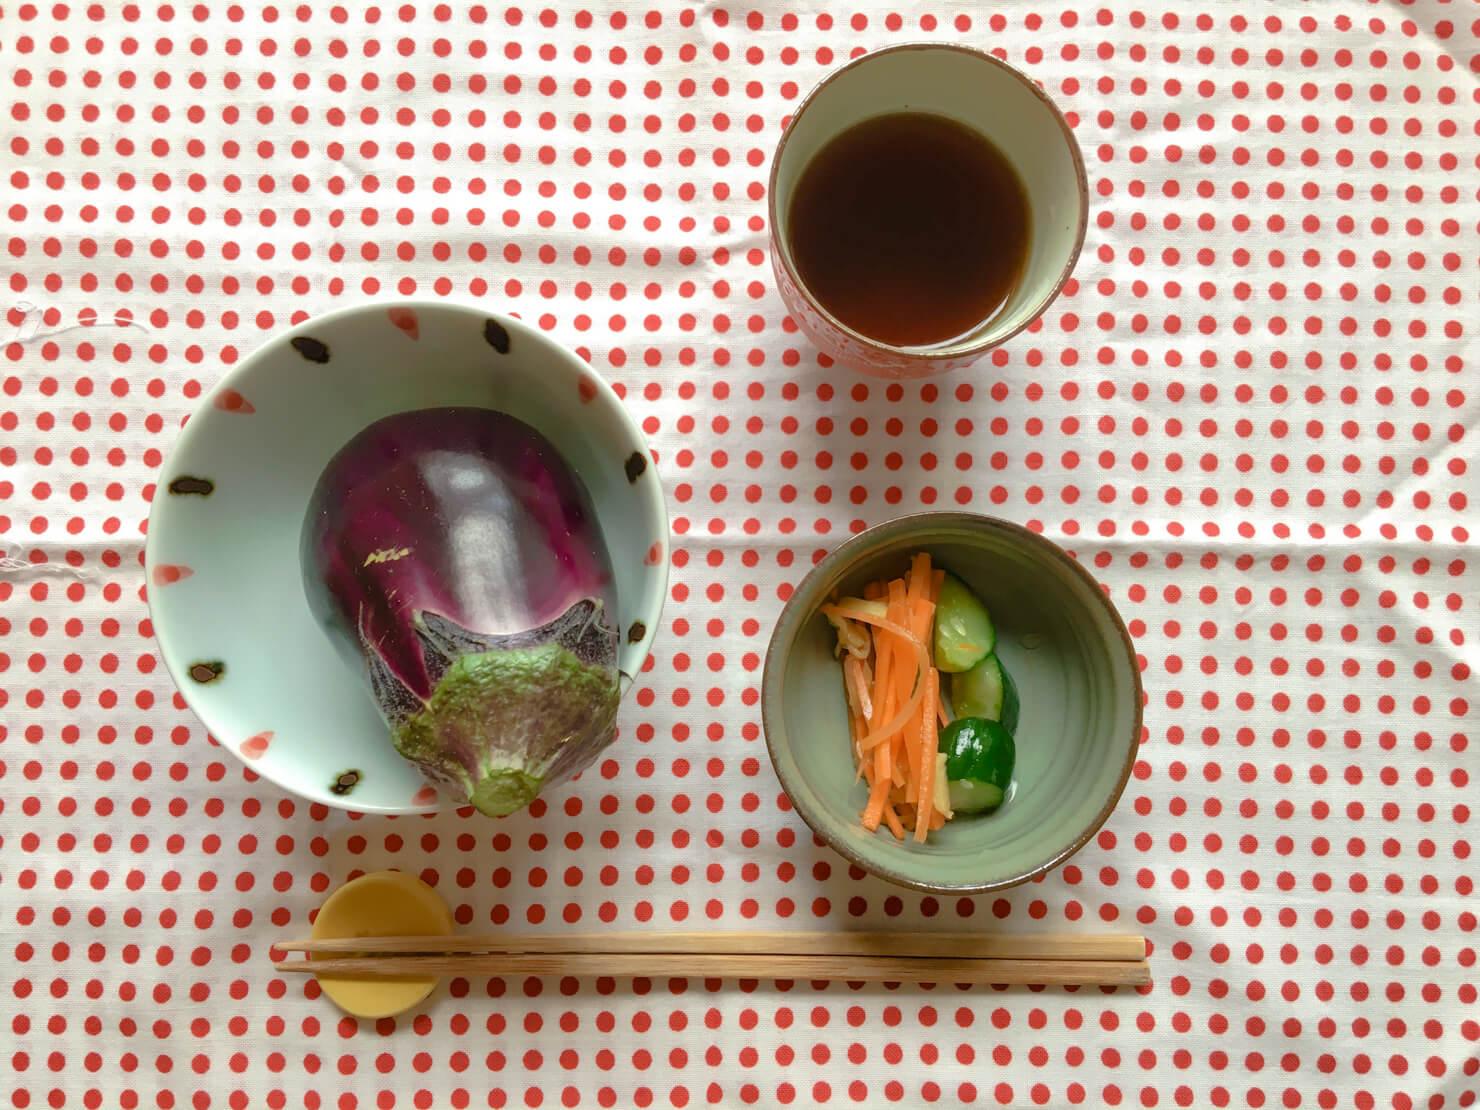 水ナスが主食の食卓の写真